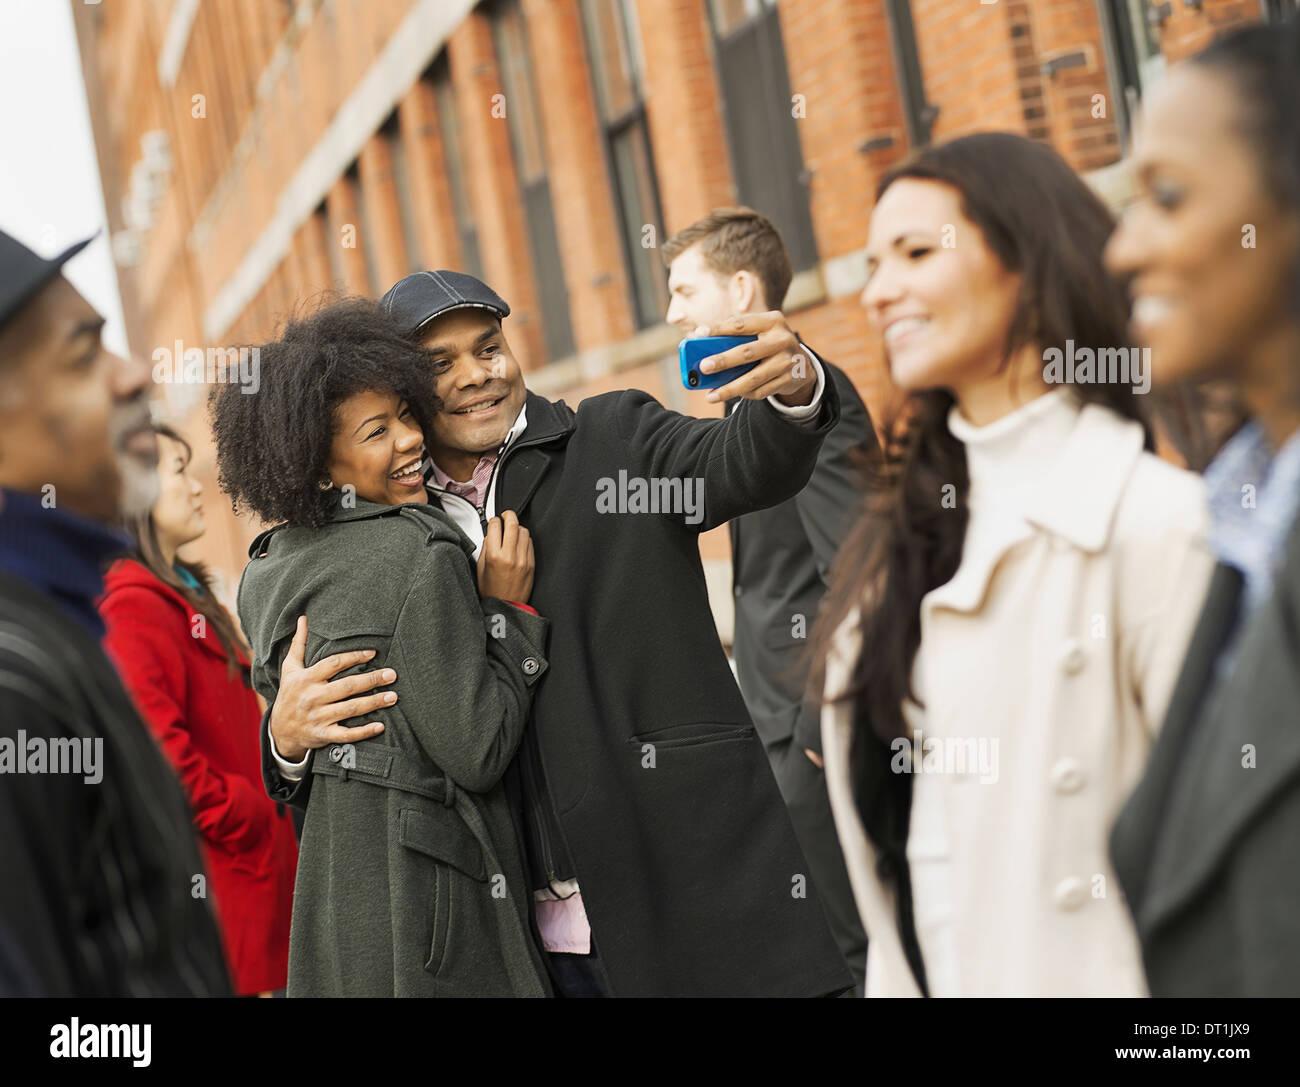 Un homme tenant un téléphone avec appareil photo et prendre des photos du groupe embrassant une jeune femme les hommes et les femmes Photo Stock